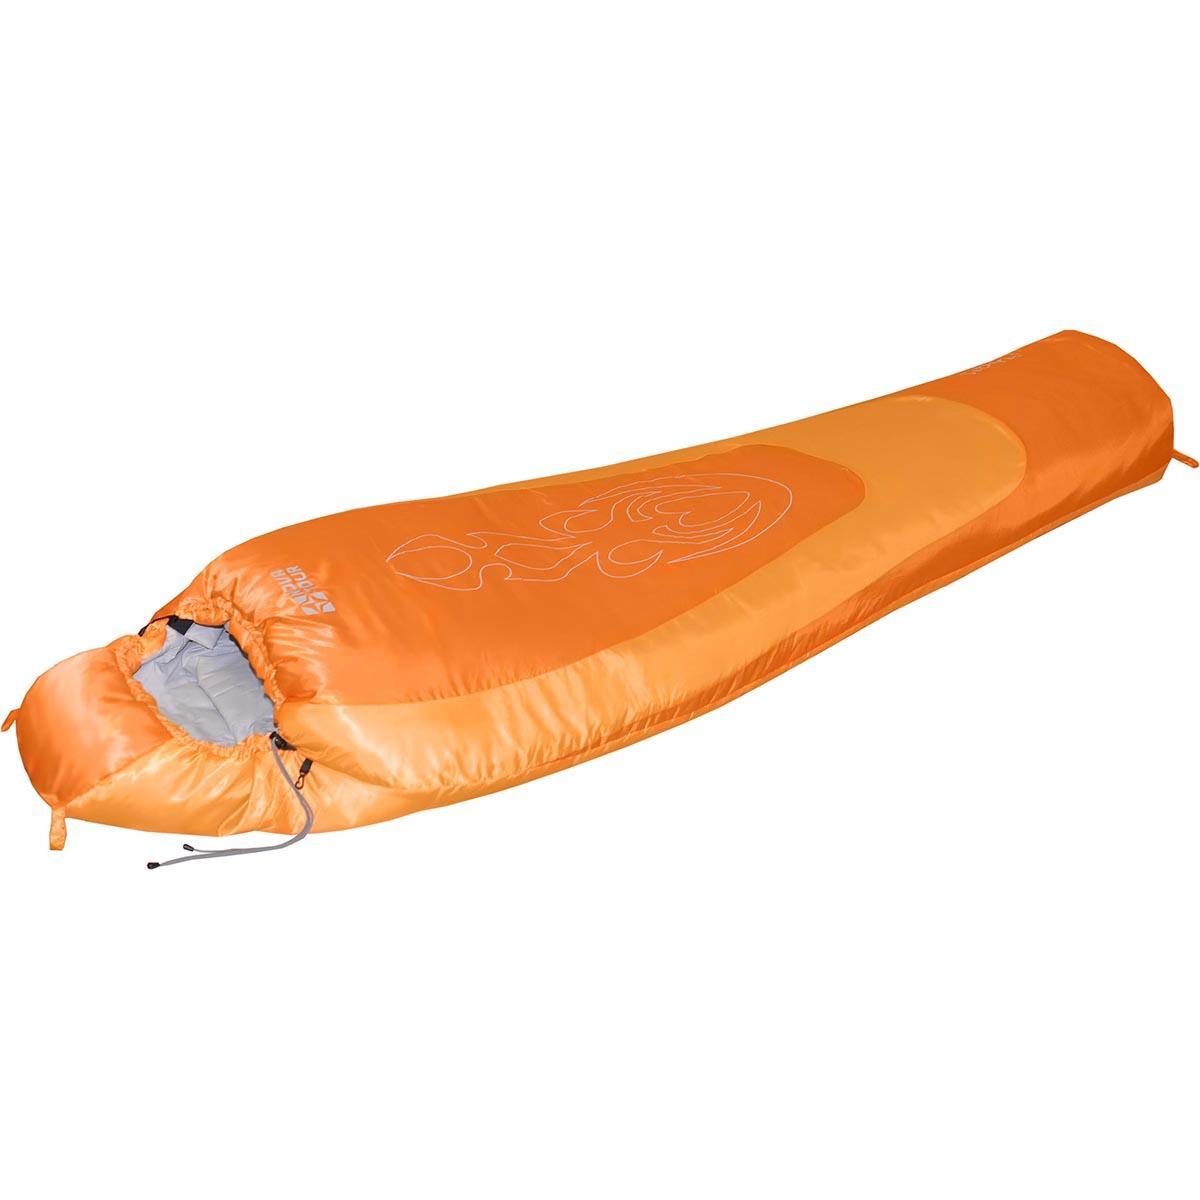 Спальный мешок Nova Tour Сибирь -20 V2, цвет: оранжевый, правосторонняя молния95421-233-RightЗимний спальный мешок конструкции - кокон и синтетическим наполнителем. Оснащён утеплённым утягивающимся капюшоном и удобным шейным воротником. Двухзамковая молния позволяет состегнуть два спальных мешка левого и правого исполнения в один двойной. Компрессионный мешок в комплекте.